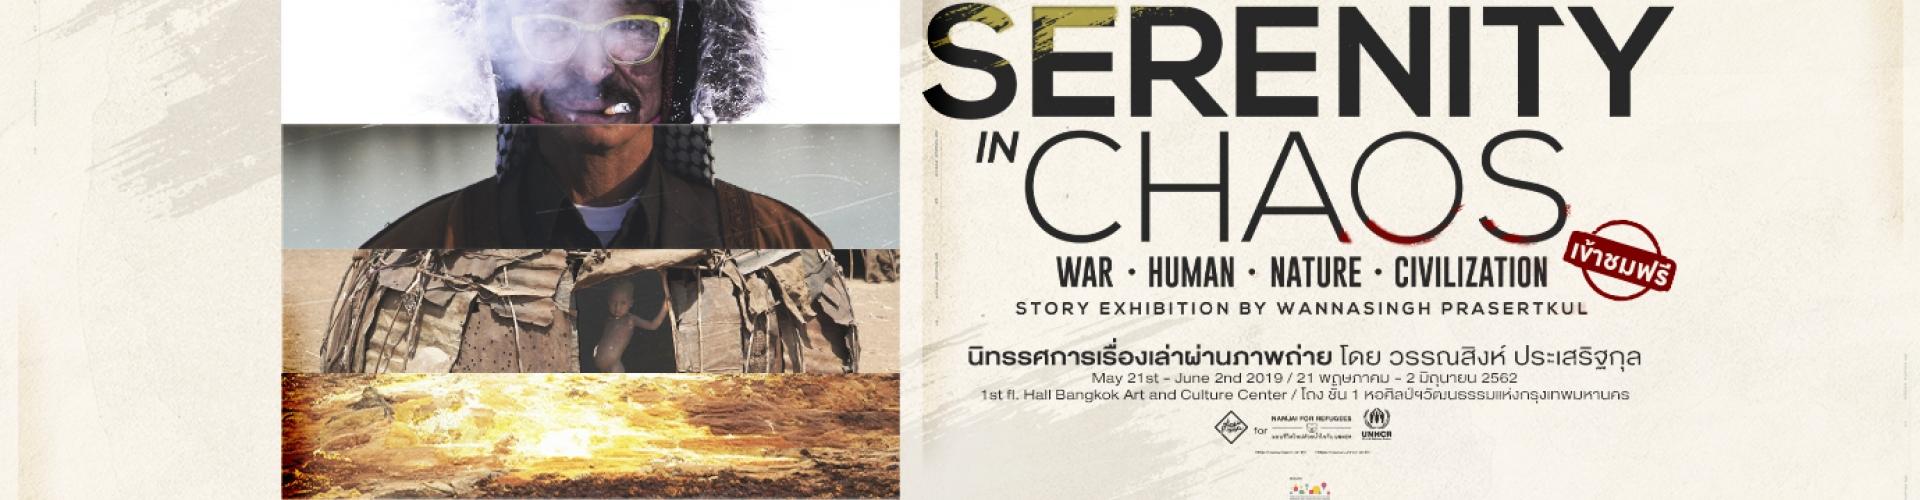 """Serenity in Chaos"""" Story exhibition นิทรรศการเล่าเรื่องผ่านภาพถ่ายโดยวรรณสิงห์ ประเสริฐกุล"""